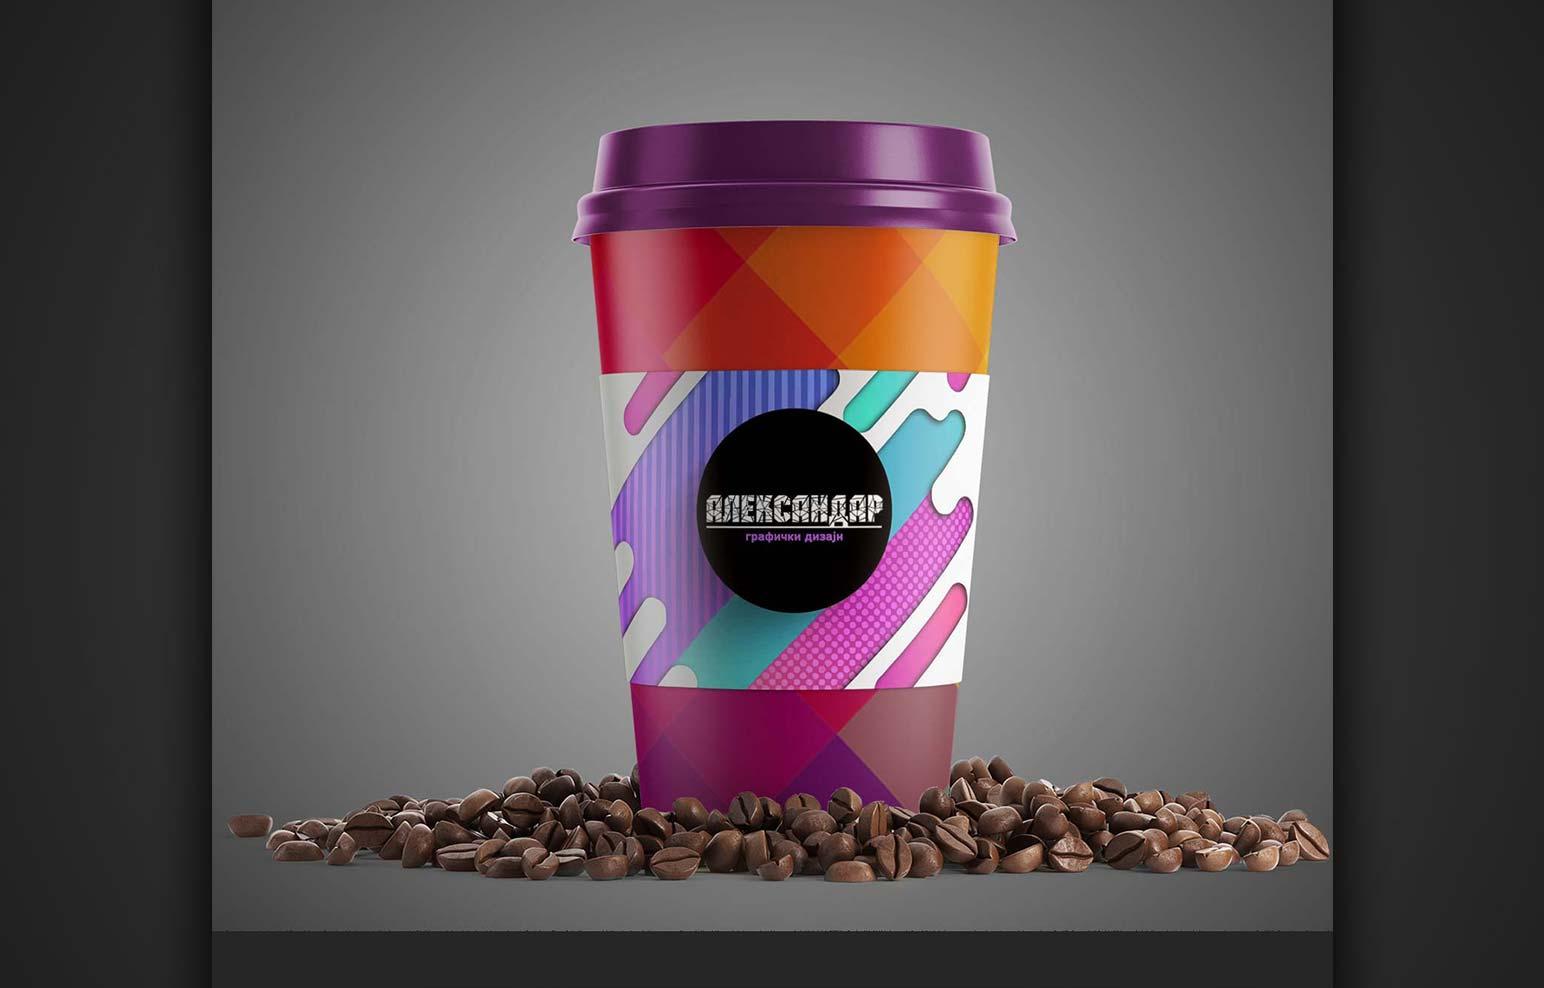 Kreirame dizajn za site vidovi na casi - Graficki dizajn, Креираме дизајн за сите видови на чаши - Графички дизајн